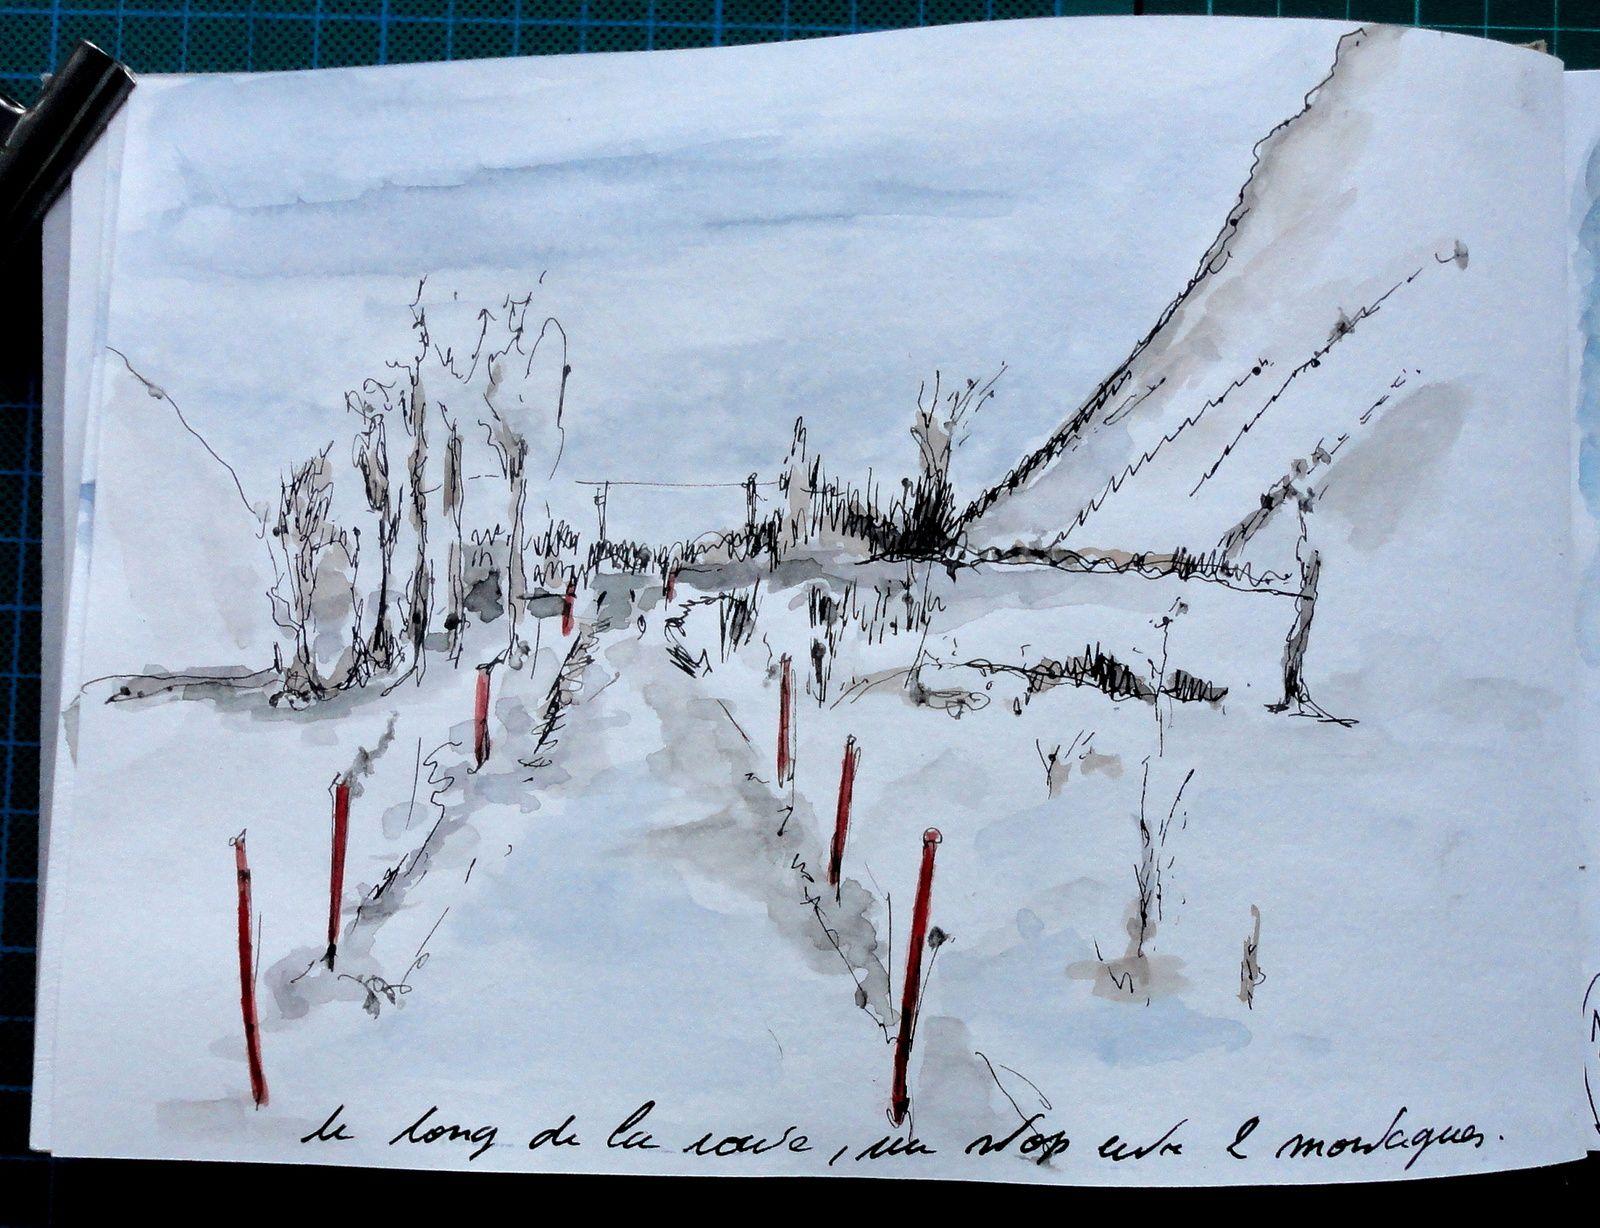 Carnet de voyage Norvège Mars 2017 / 1er étape